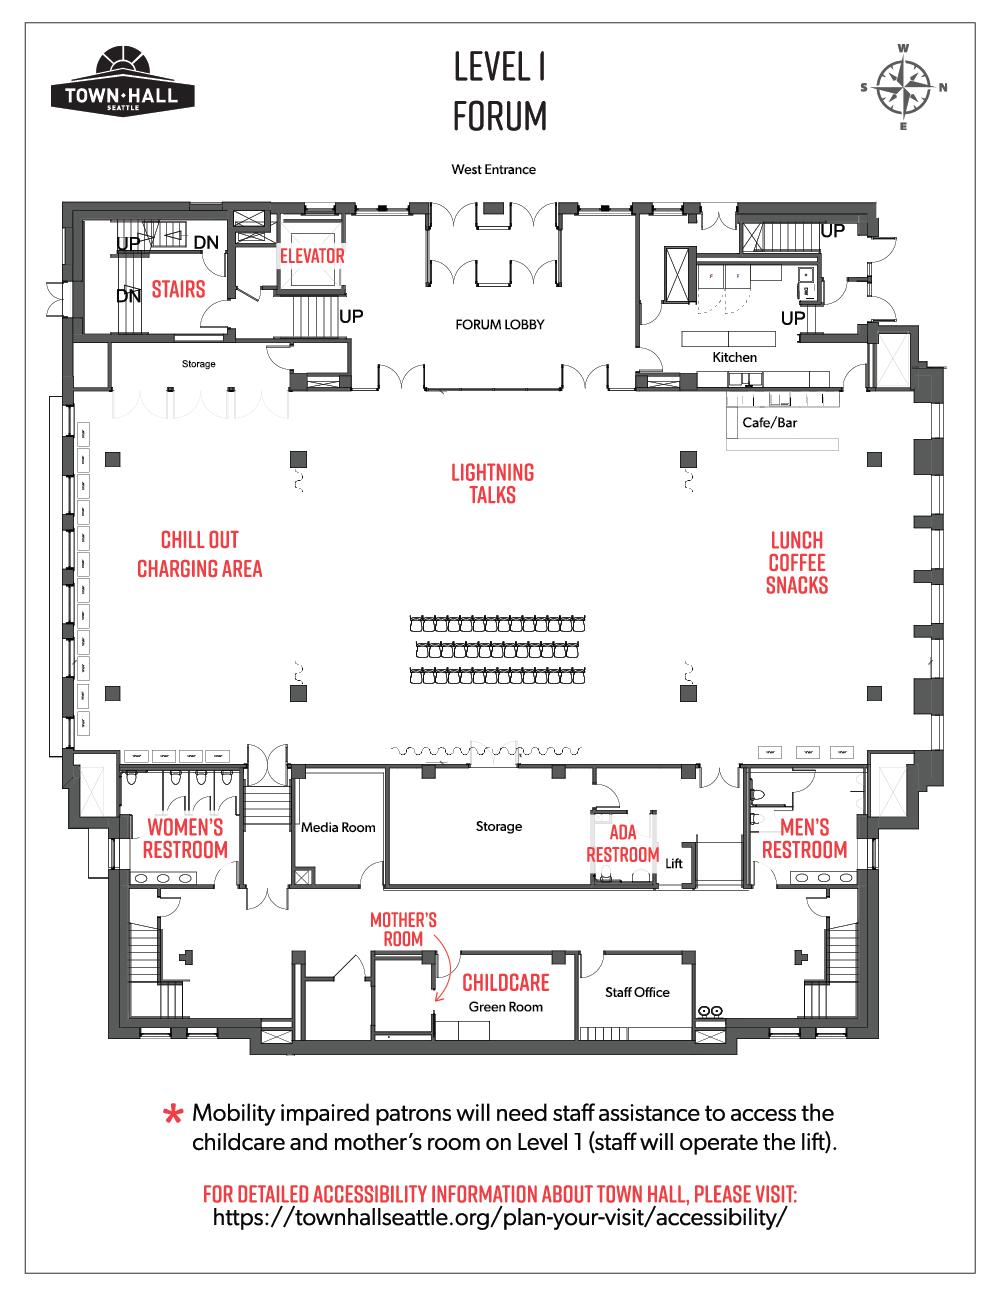 Forum - 1st floor